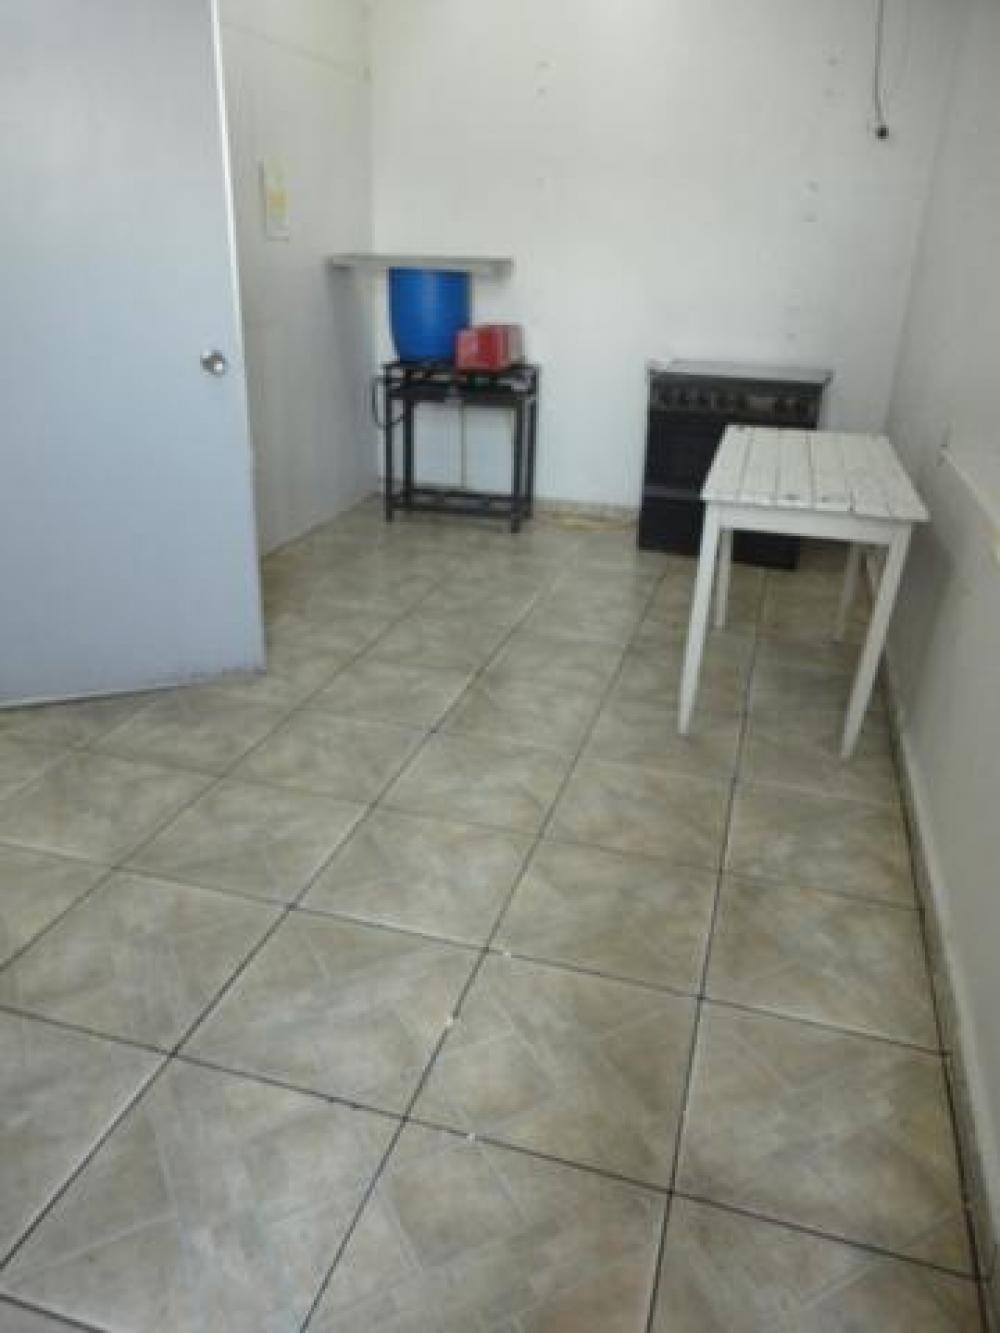 Comprar Casa / Padrão em São José do Rio Preto R$ 200.000,00 - Foto 8